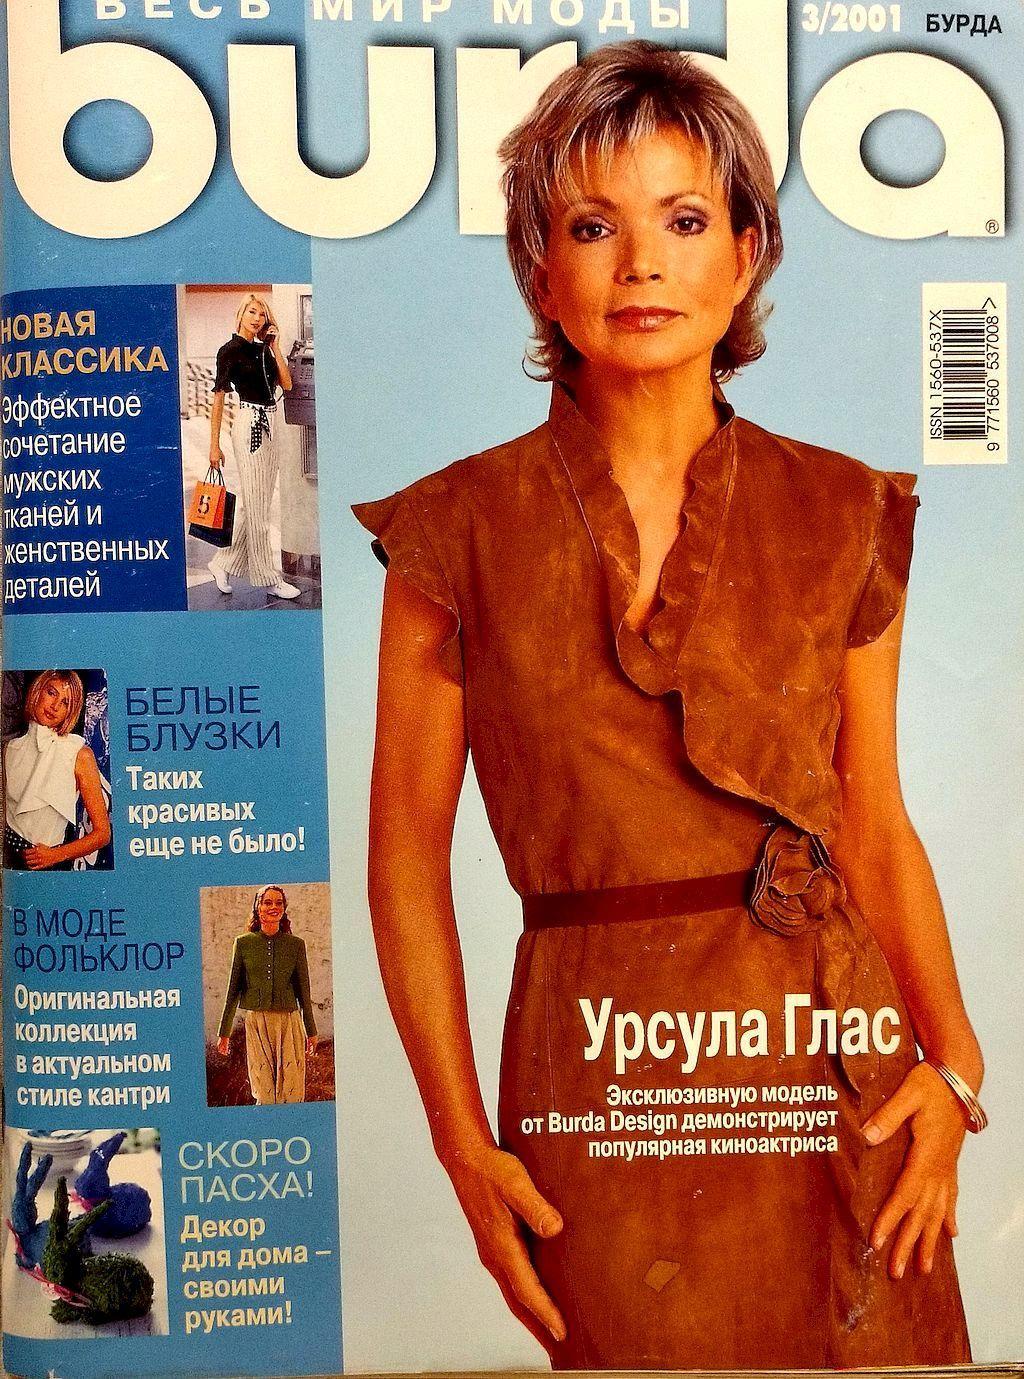 Журнал Бурда Моден № 3/2001, Выкройки для шитья, Москва,  Фото №1